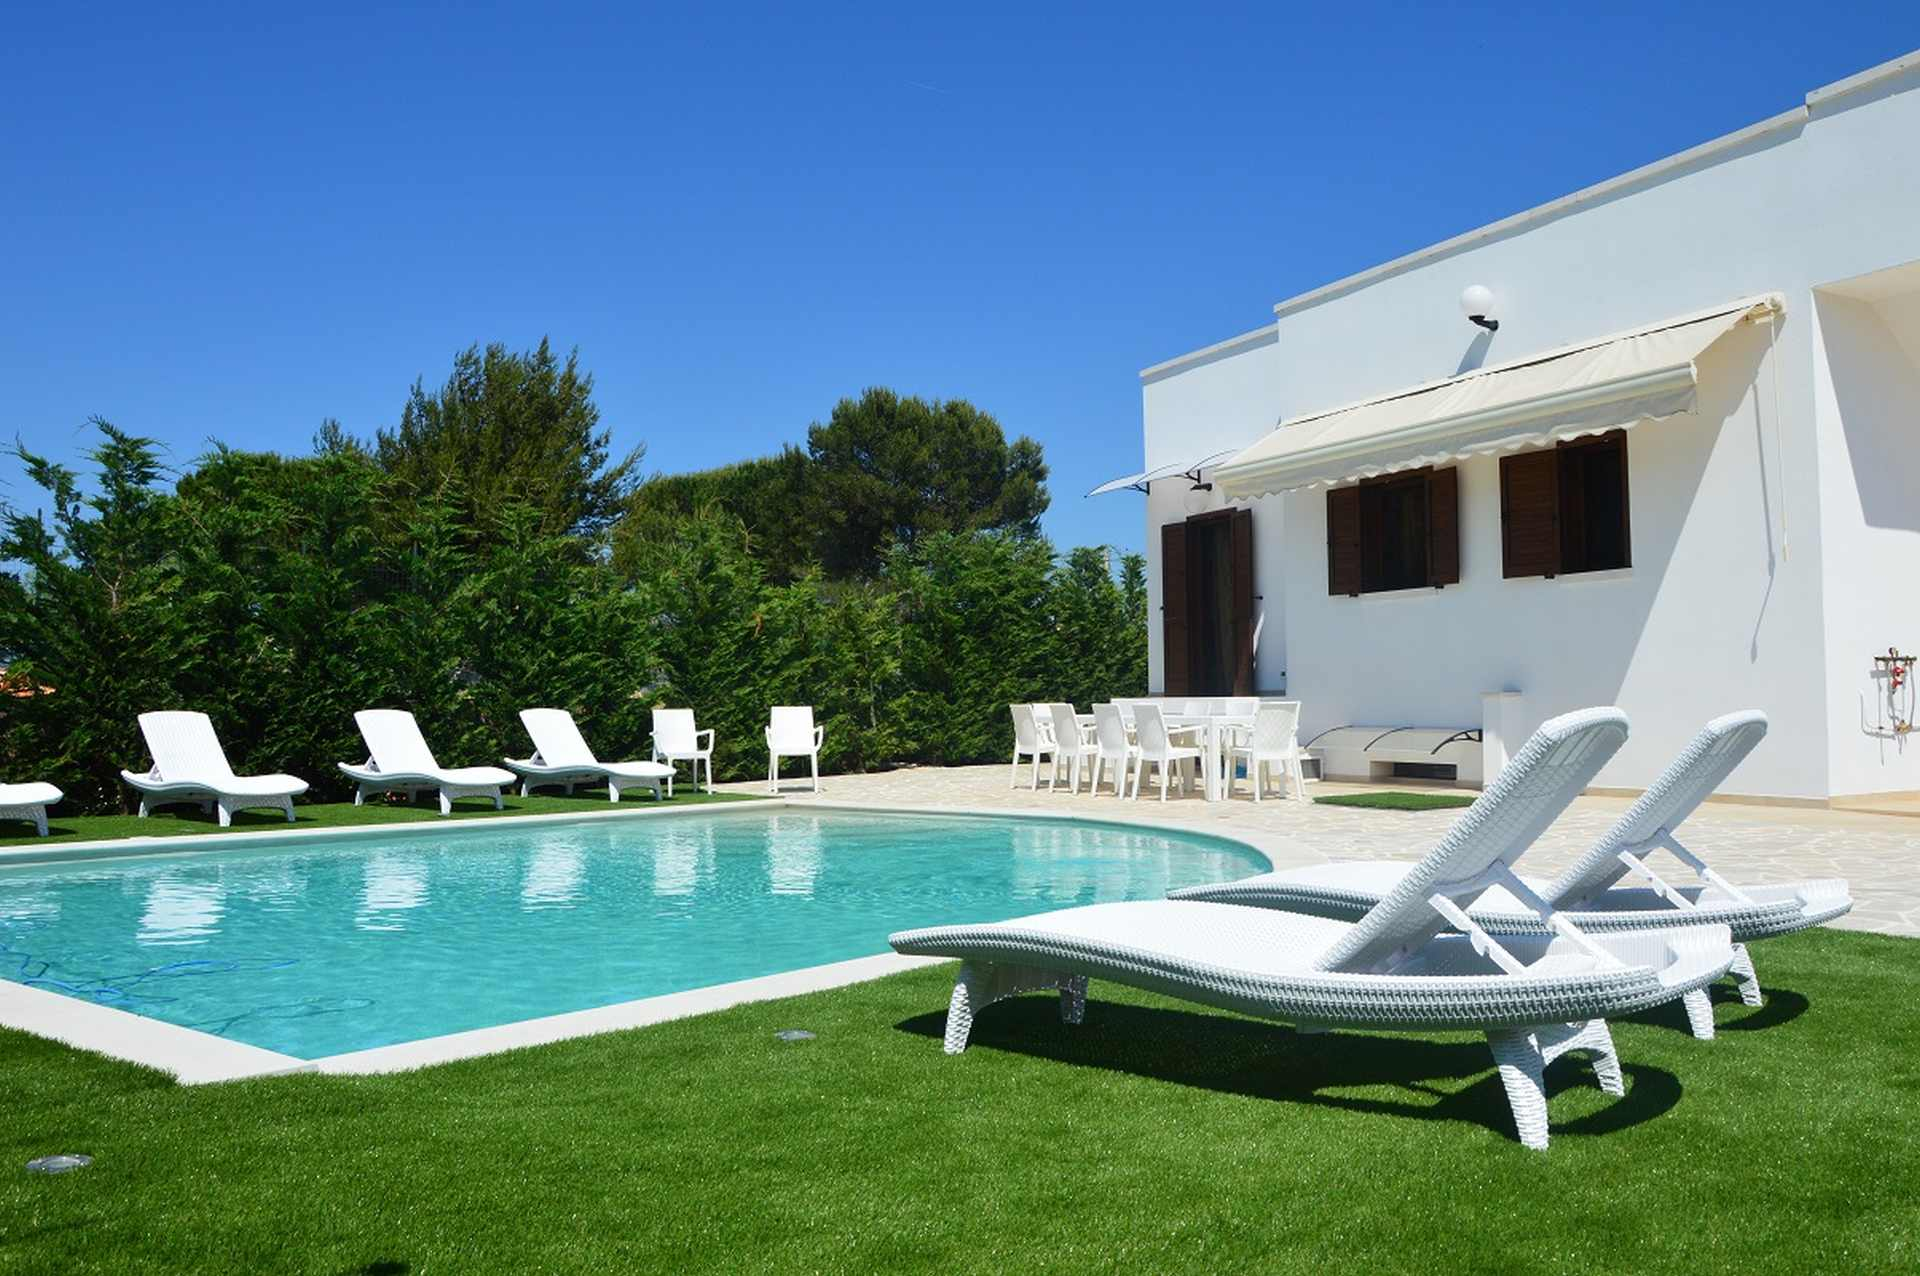 Ferienhaus mit Pool für 10 Personen